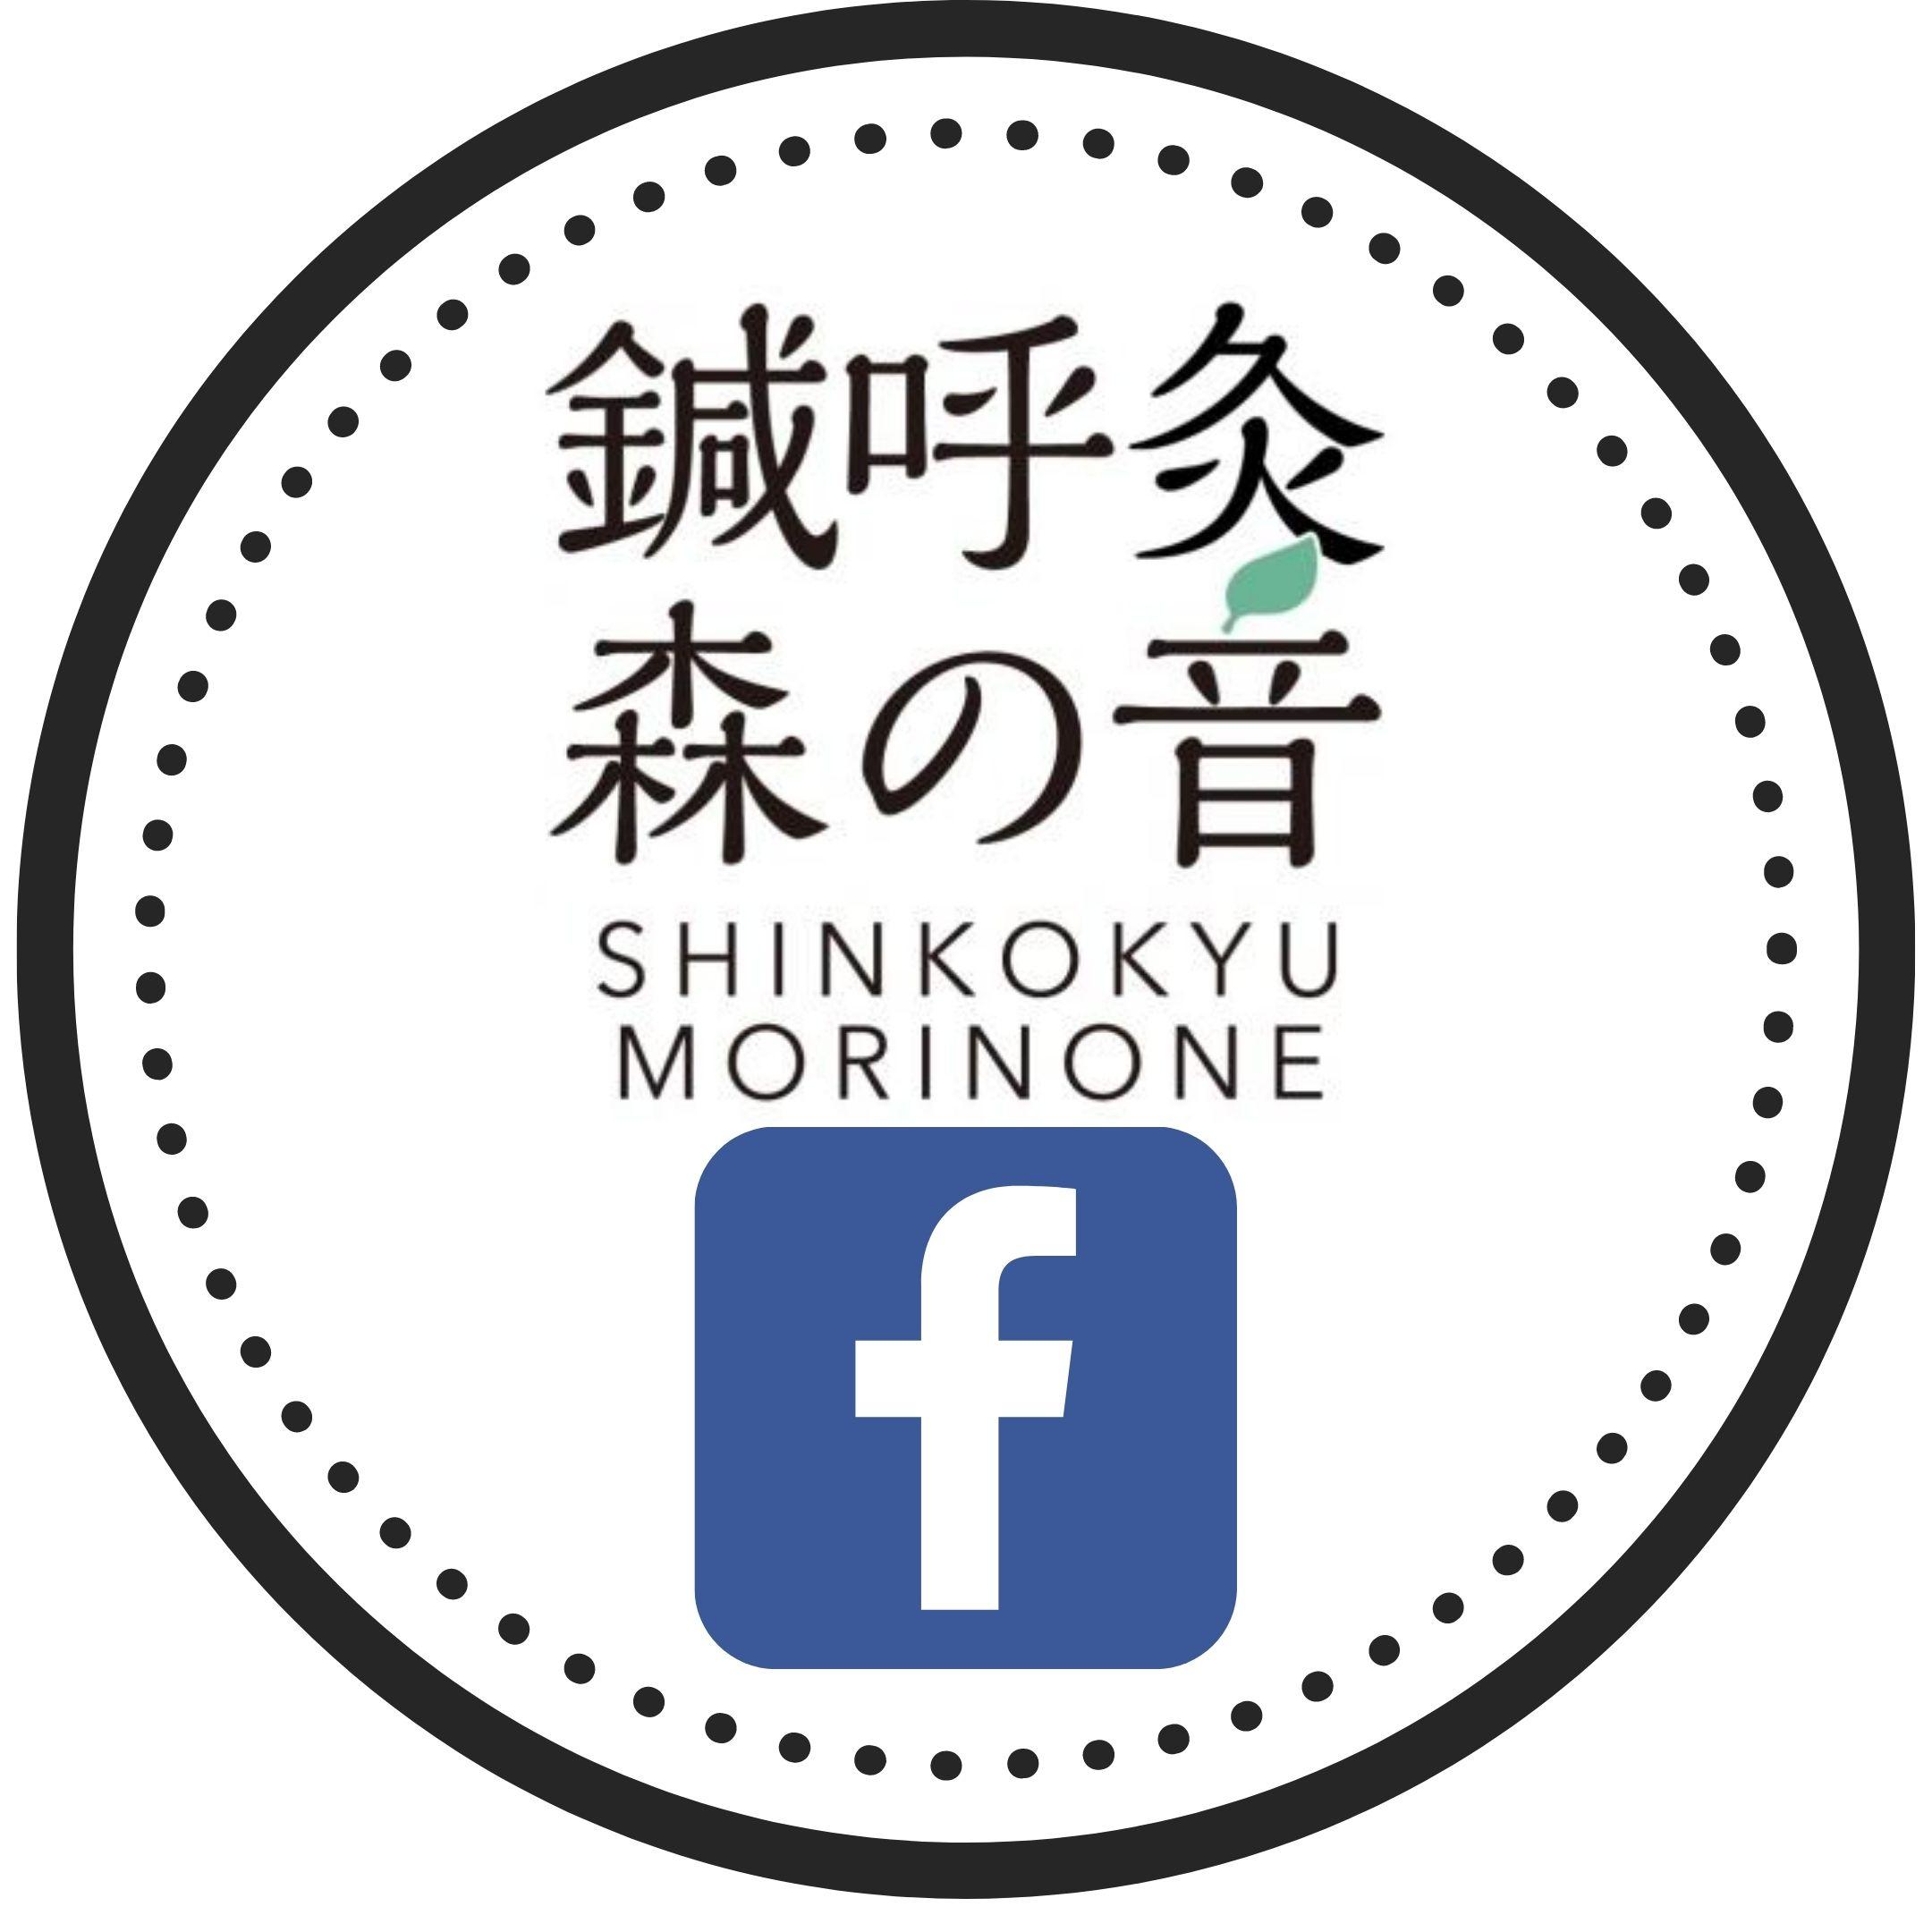 鍼呼灸 森の音 千葉鍼灸 フェイスブック